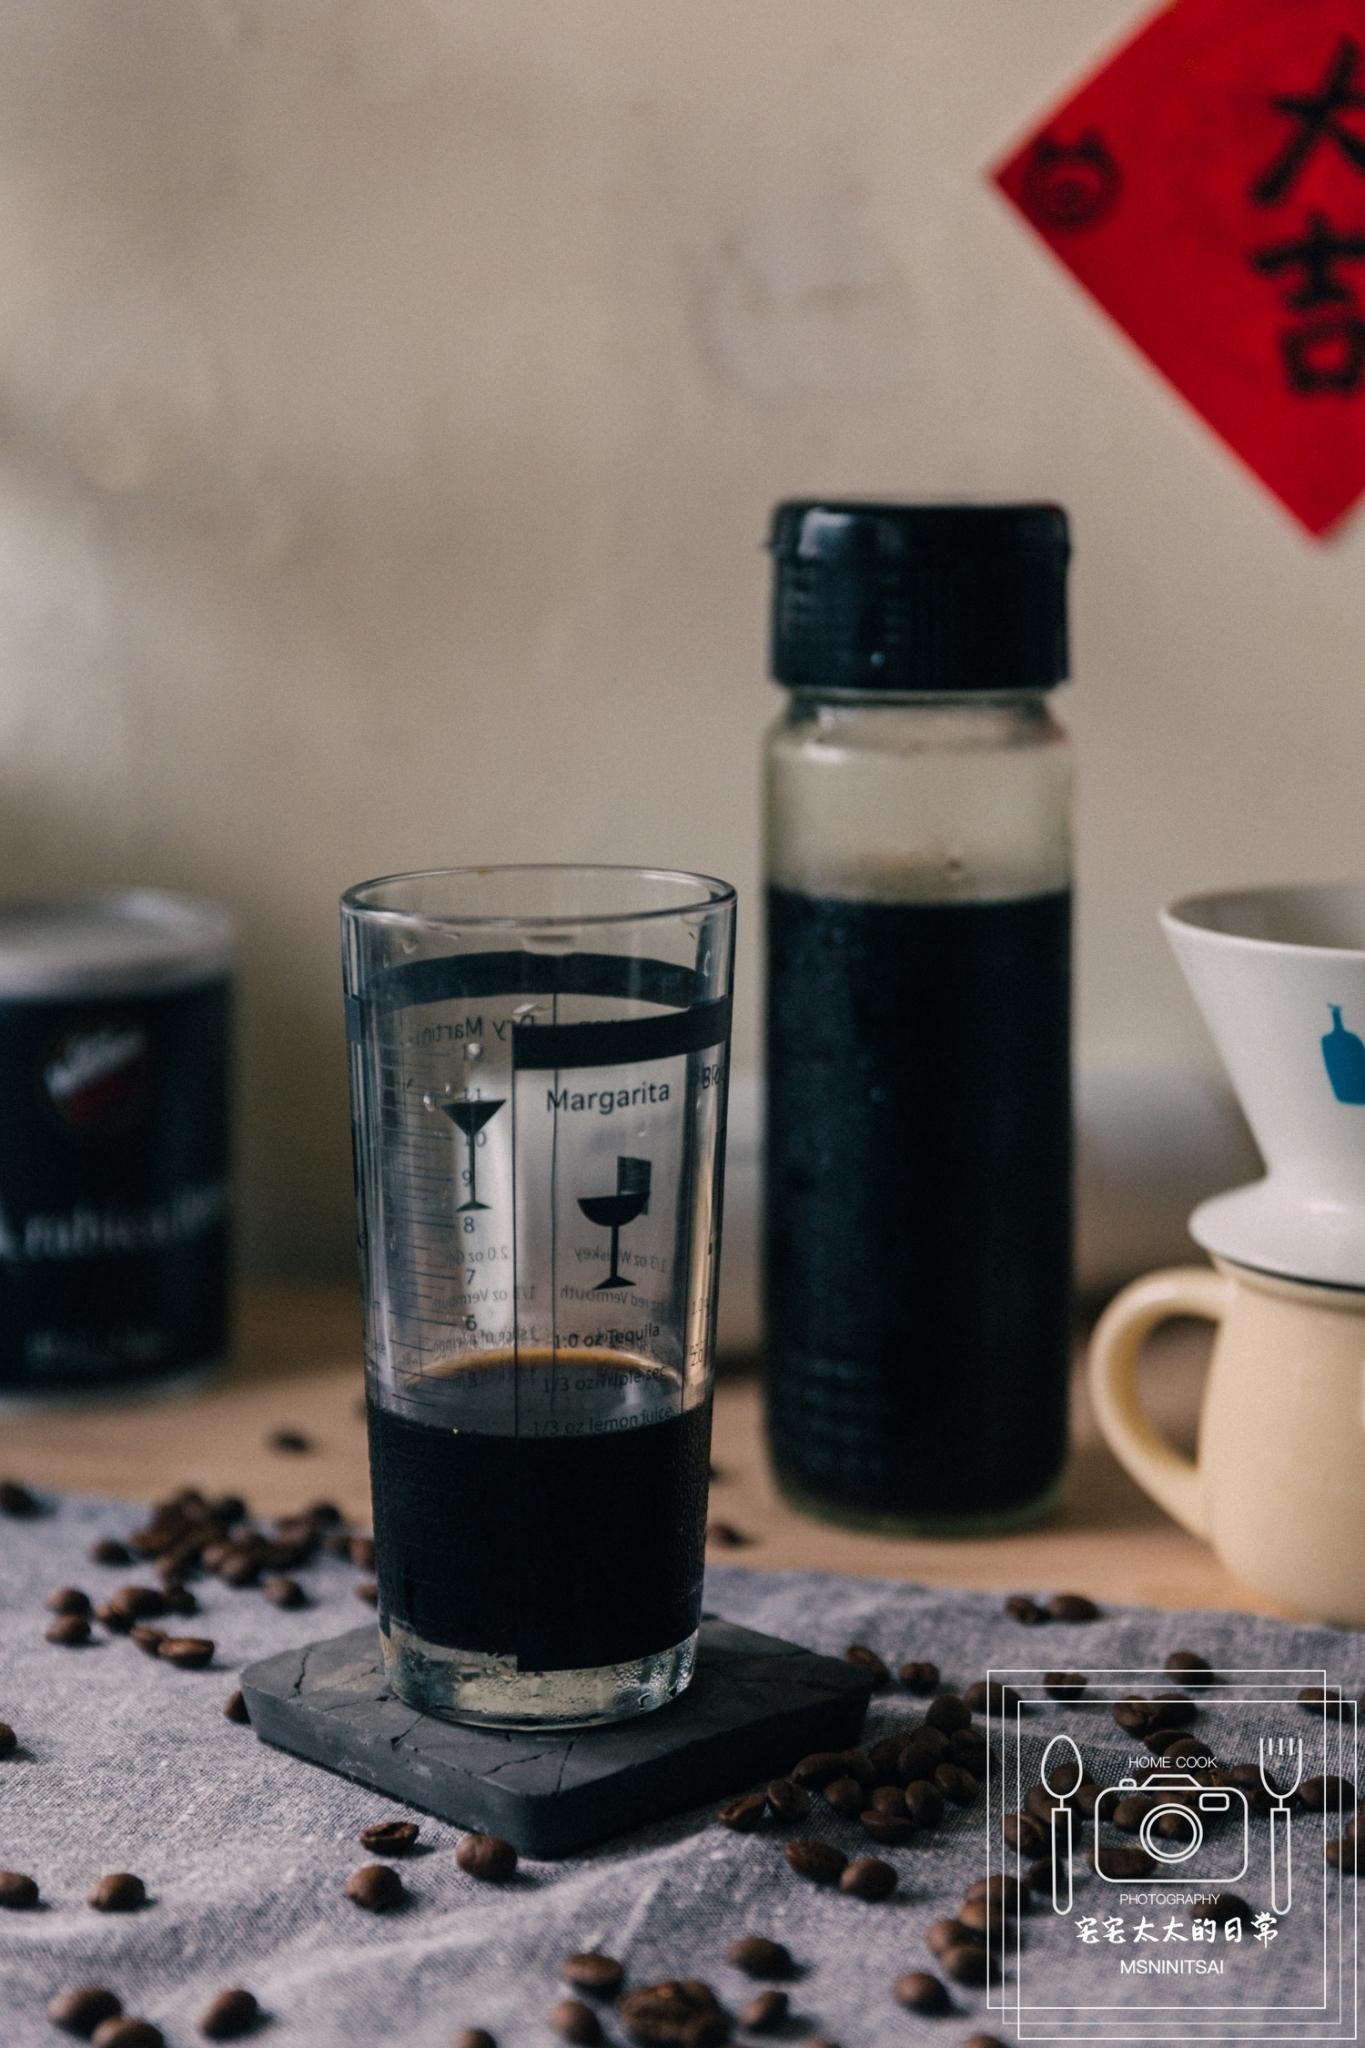 料理食譜:自己做冷泡咖啡,夏天清涼飲品【宅宅太太的日常】